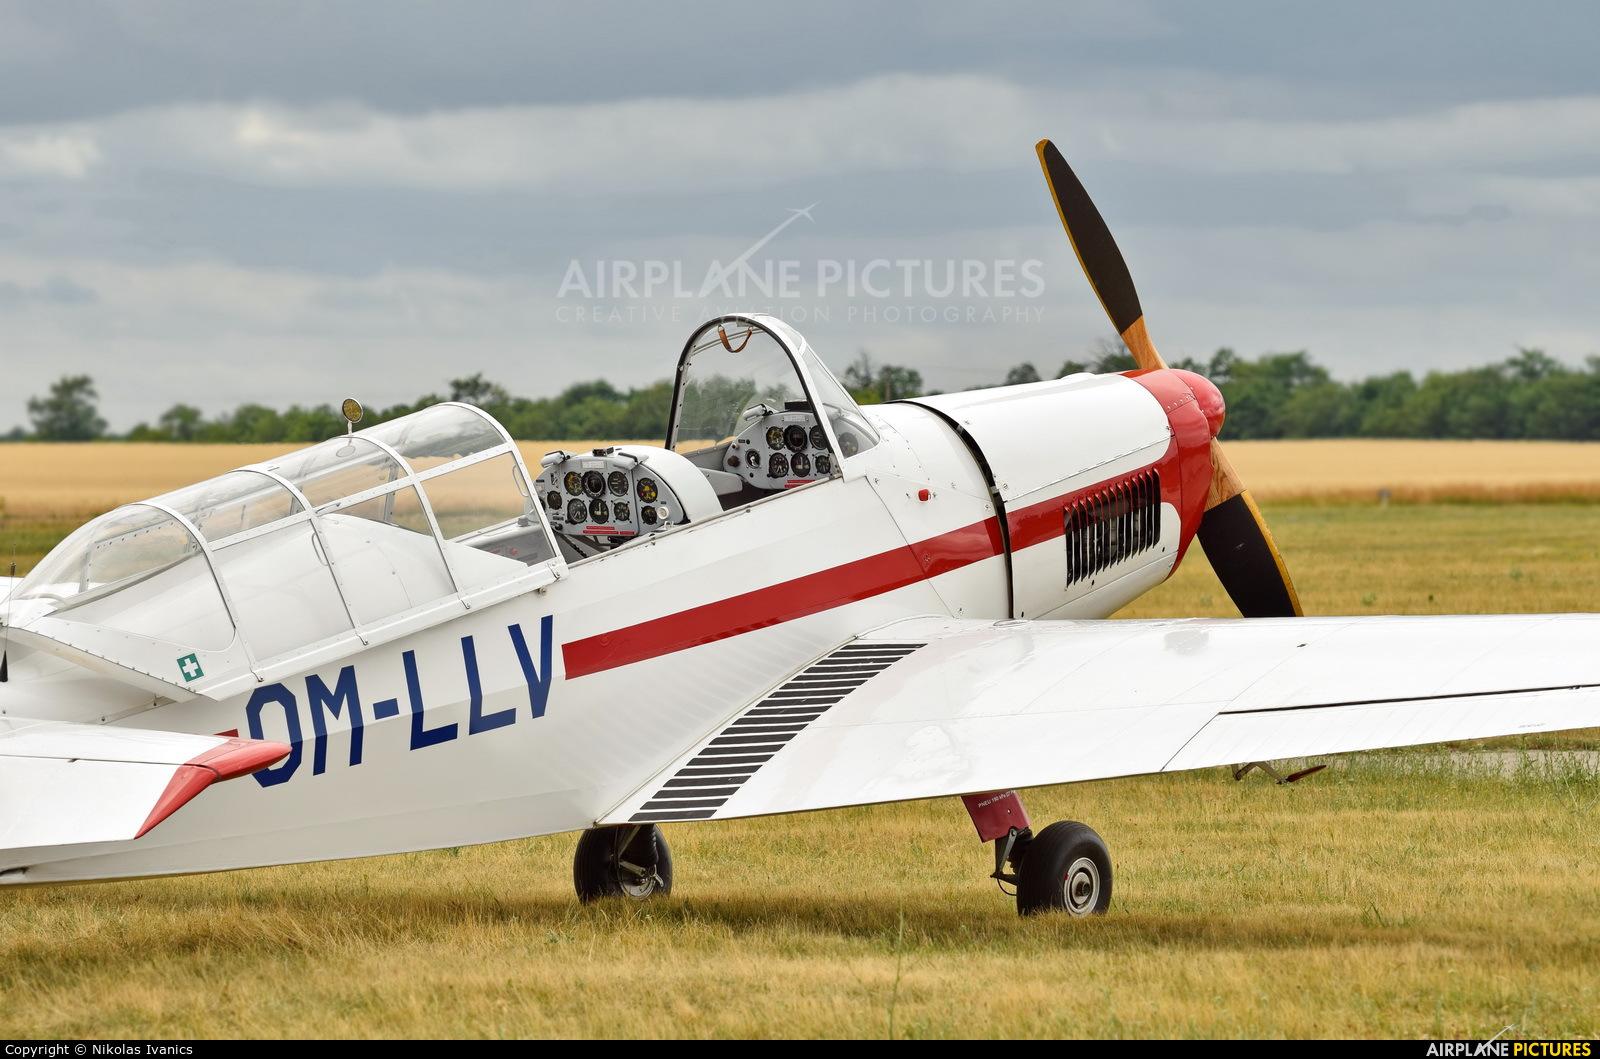 Aeroklub Trnava OM-LLV aircraft at Nové Zámky